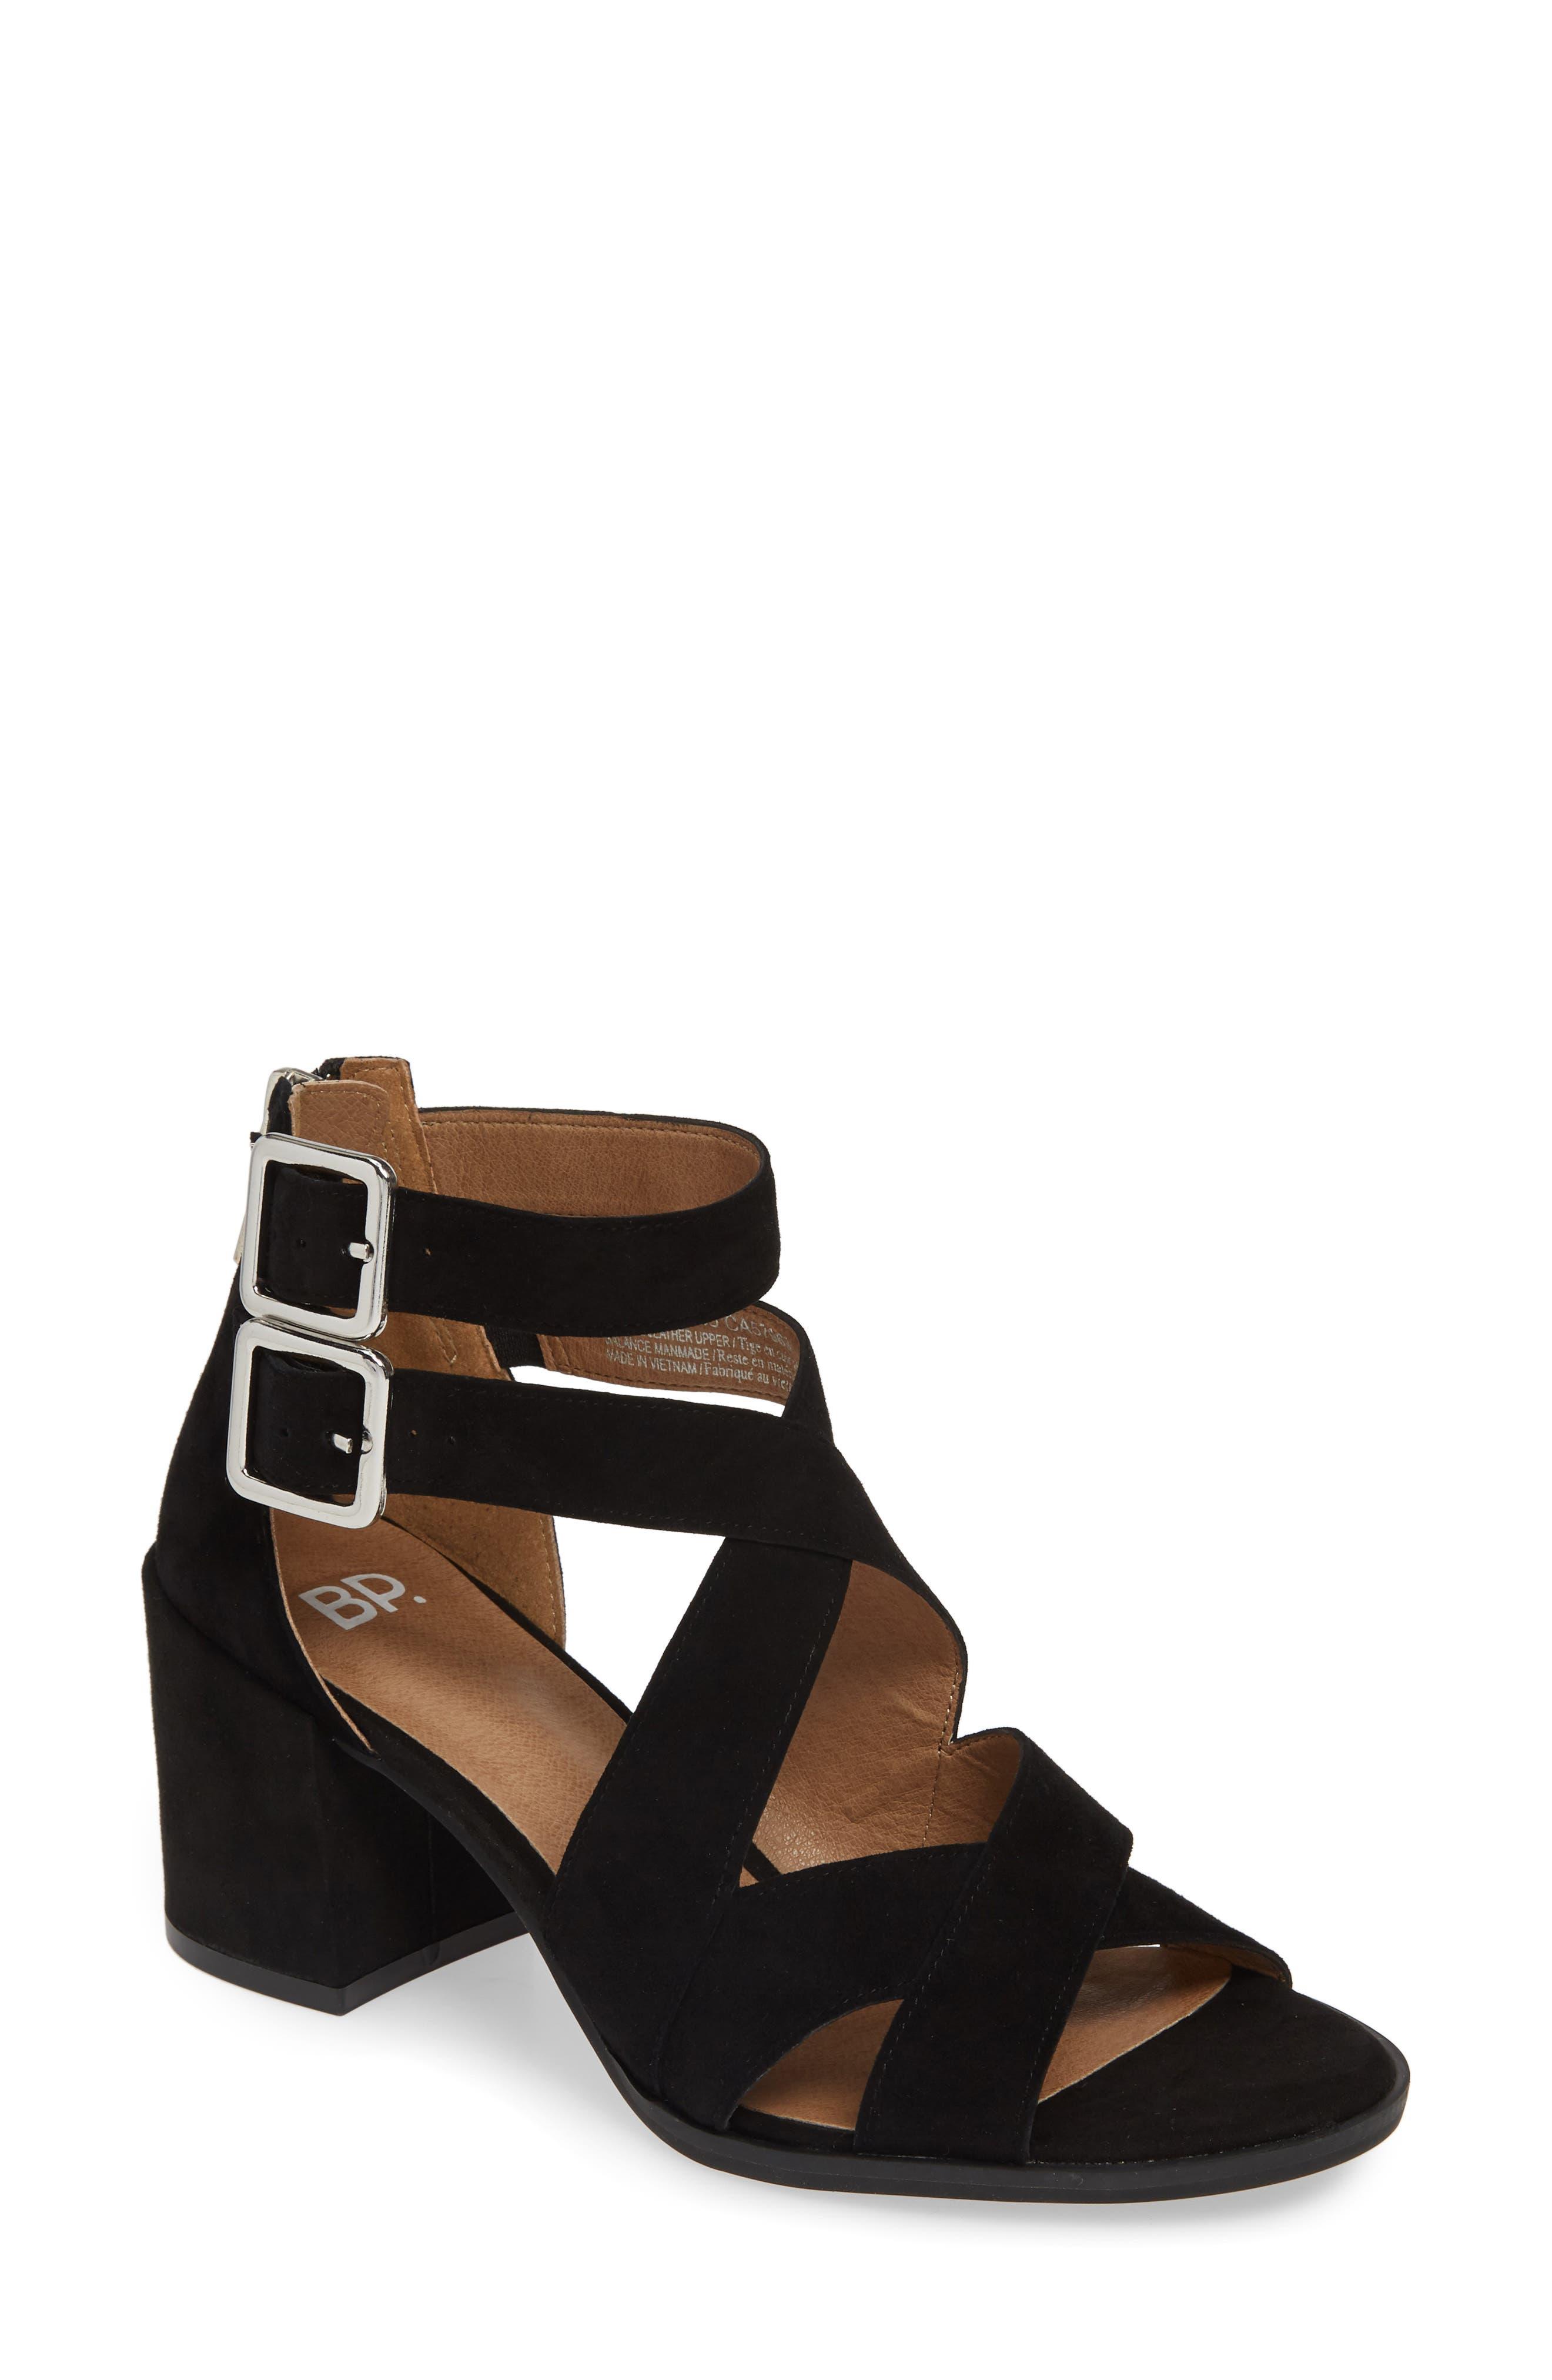 b32a14d9b24e BP. Shoes